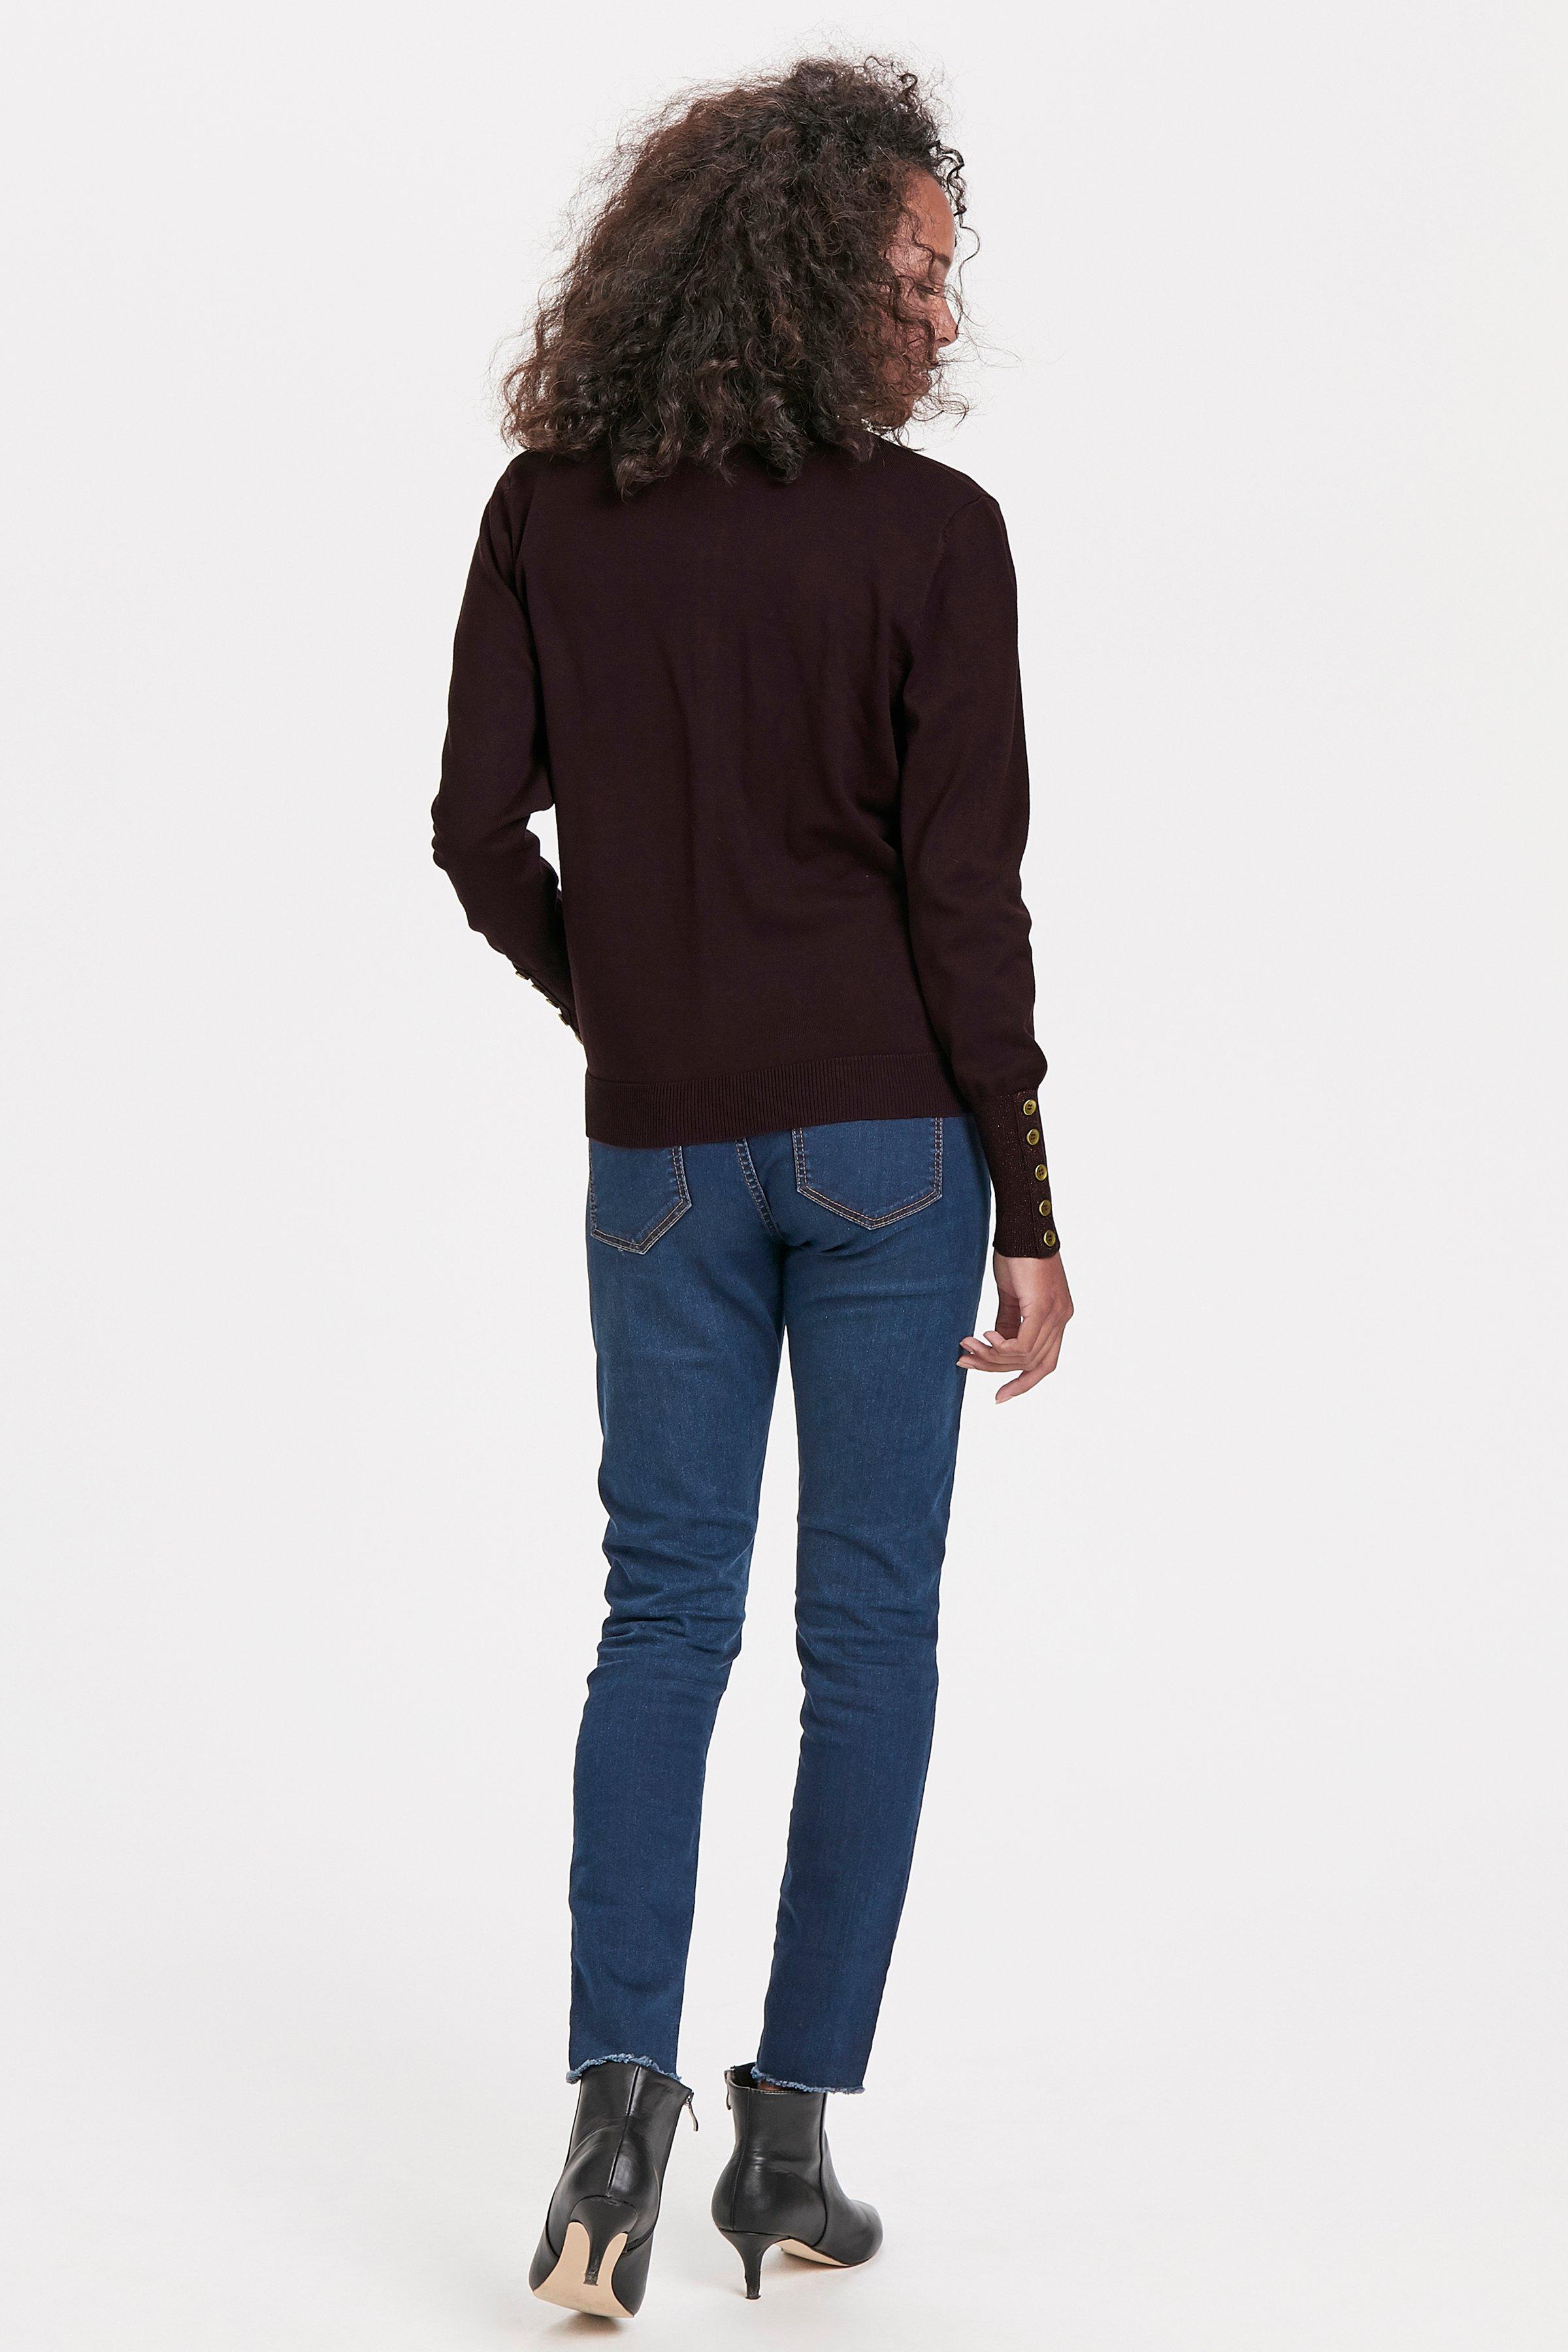 Aubergine Strick-Cardigan von Bon'A Parte – Shoppen Sie Aubergine Strick-Cardigan ab Gr. S-2XL hier